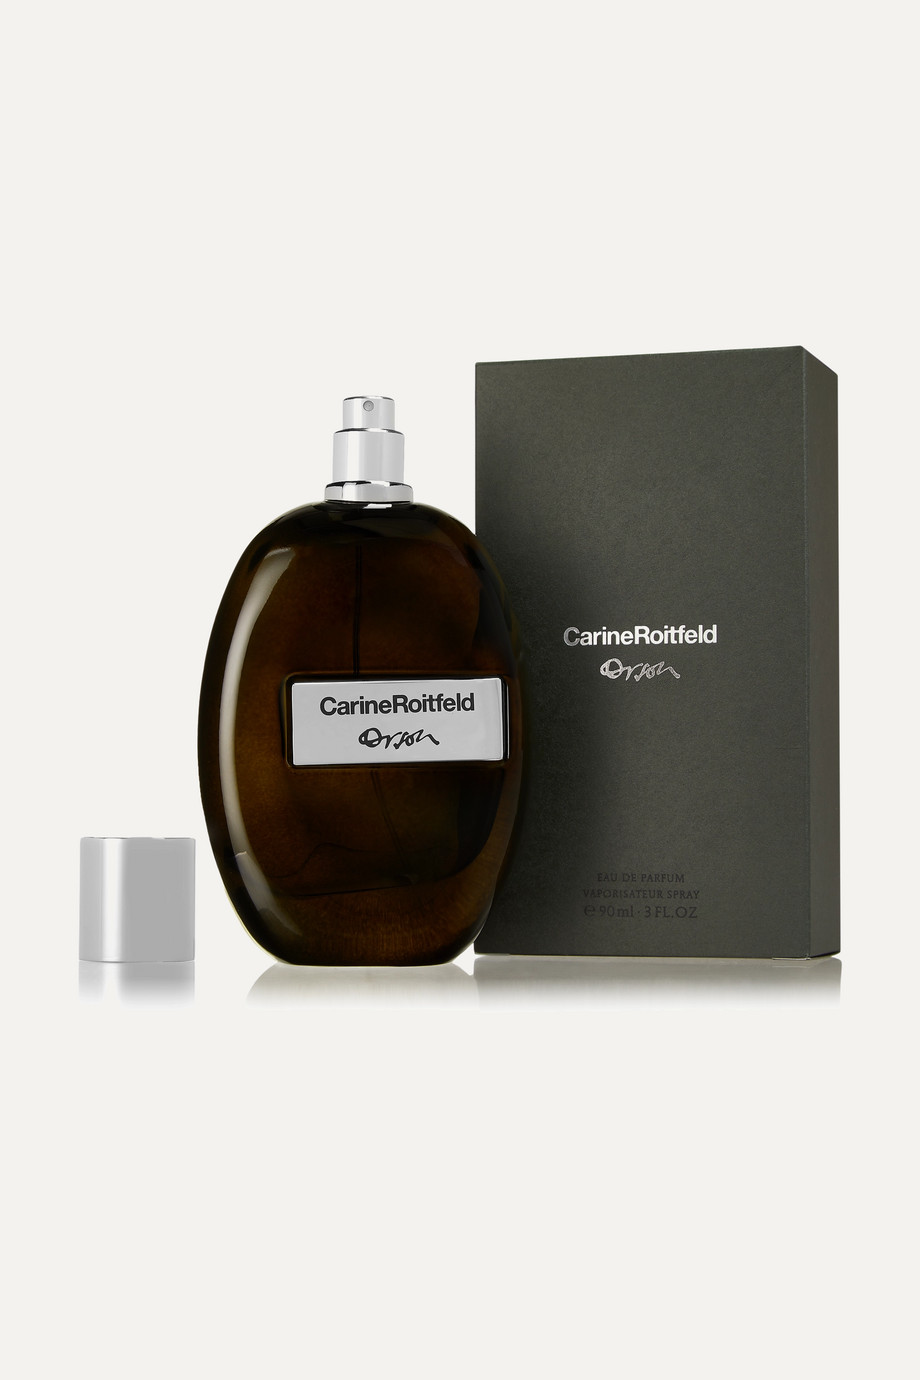 Carine Roitfeld Parfums Eau de Parfum - Orson, 90ml